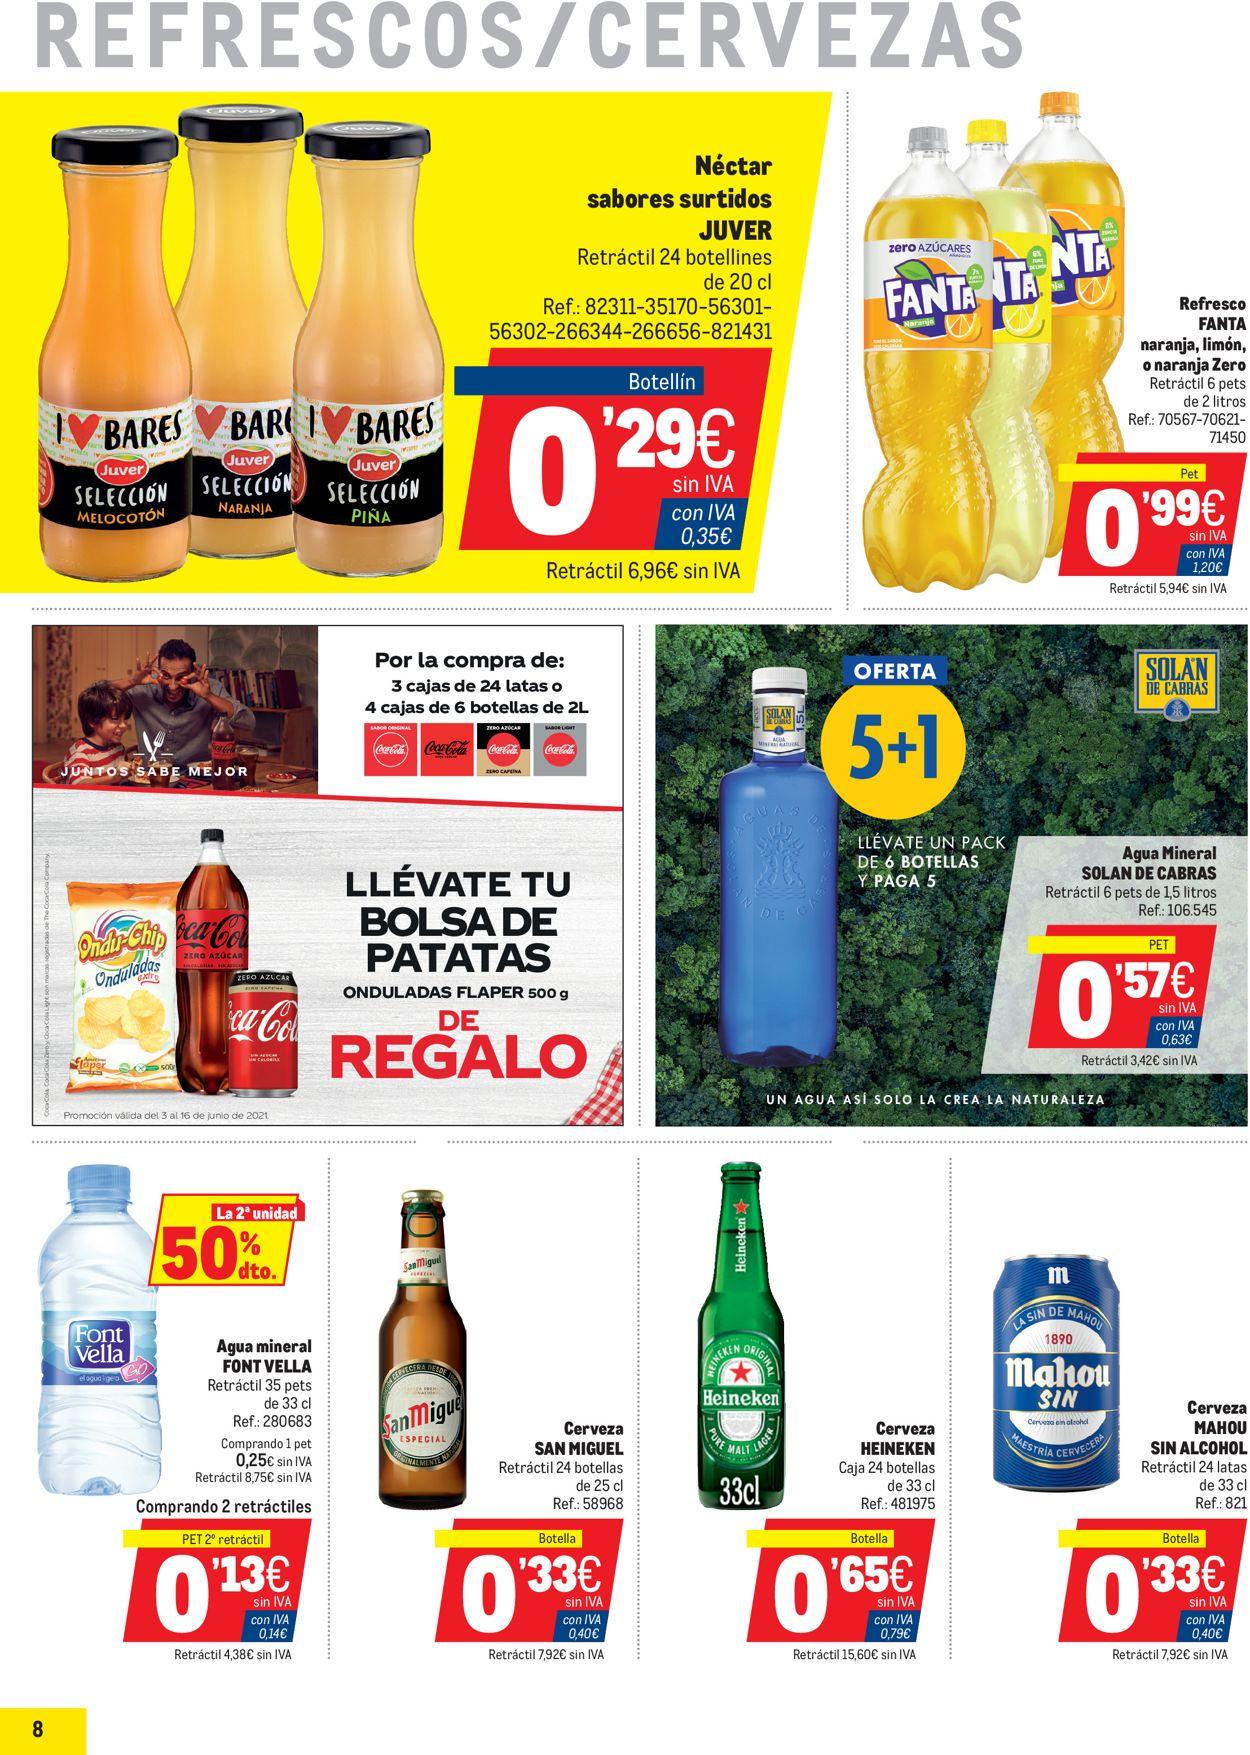 Makro Folleto - 03.06-16.06.2021 (Página 8)